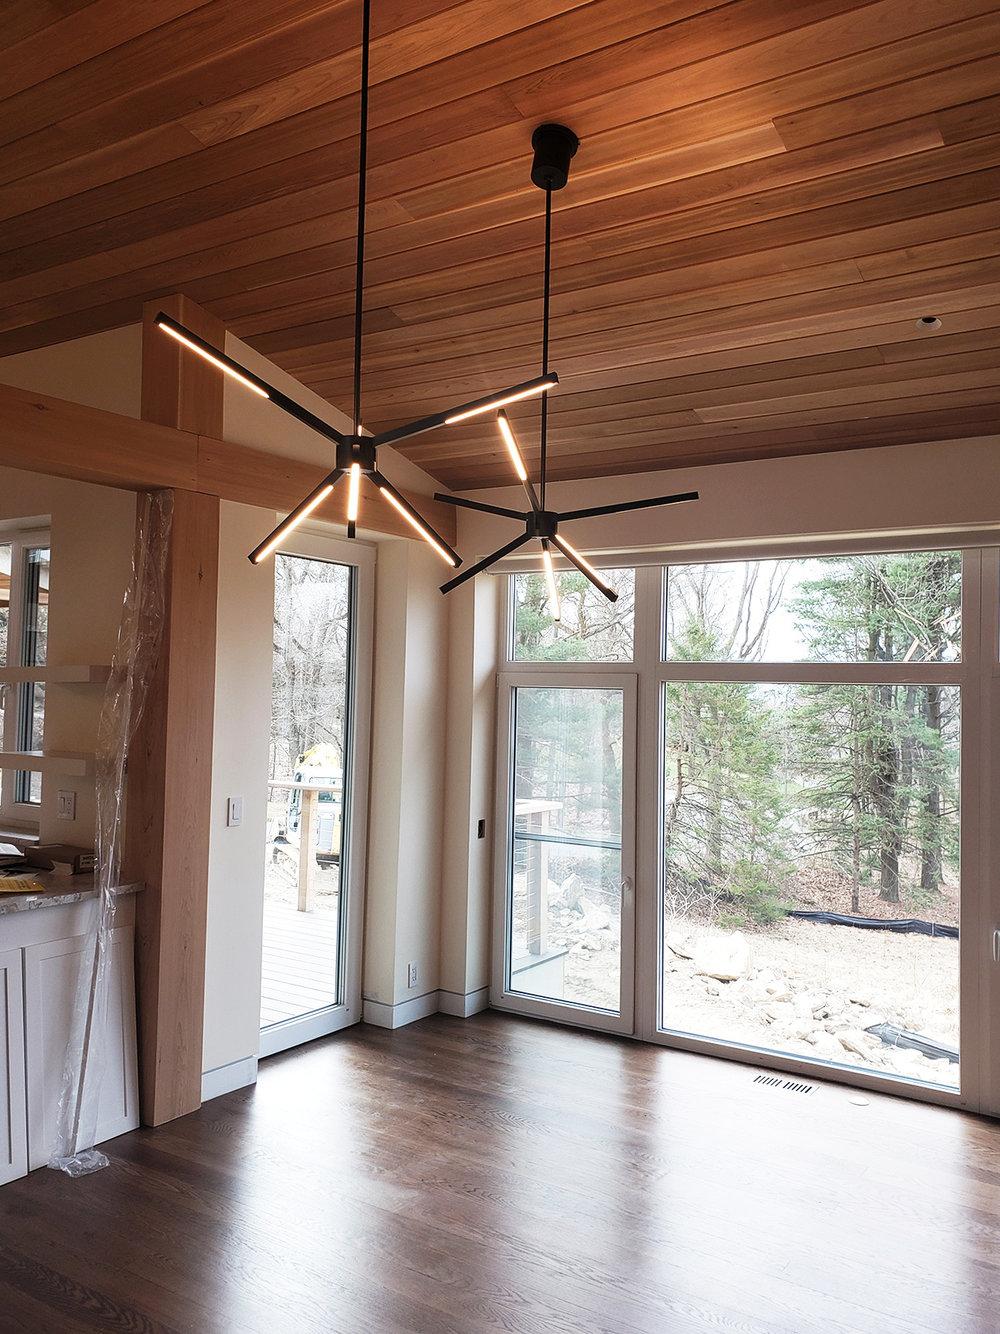 LR corner windows and kitchen 4.11.19.jpg